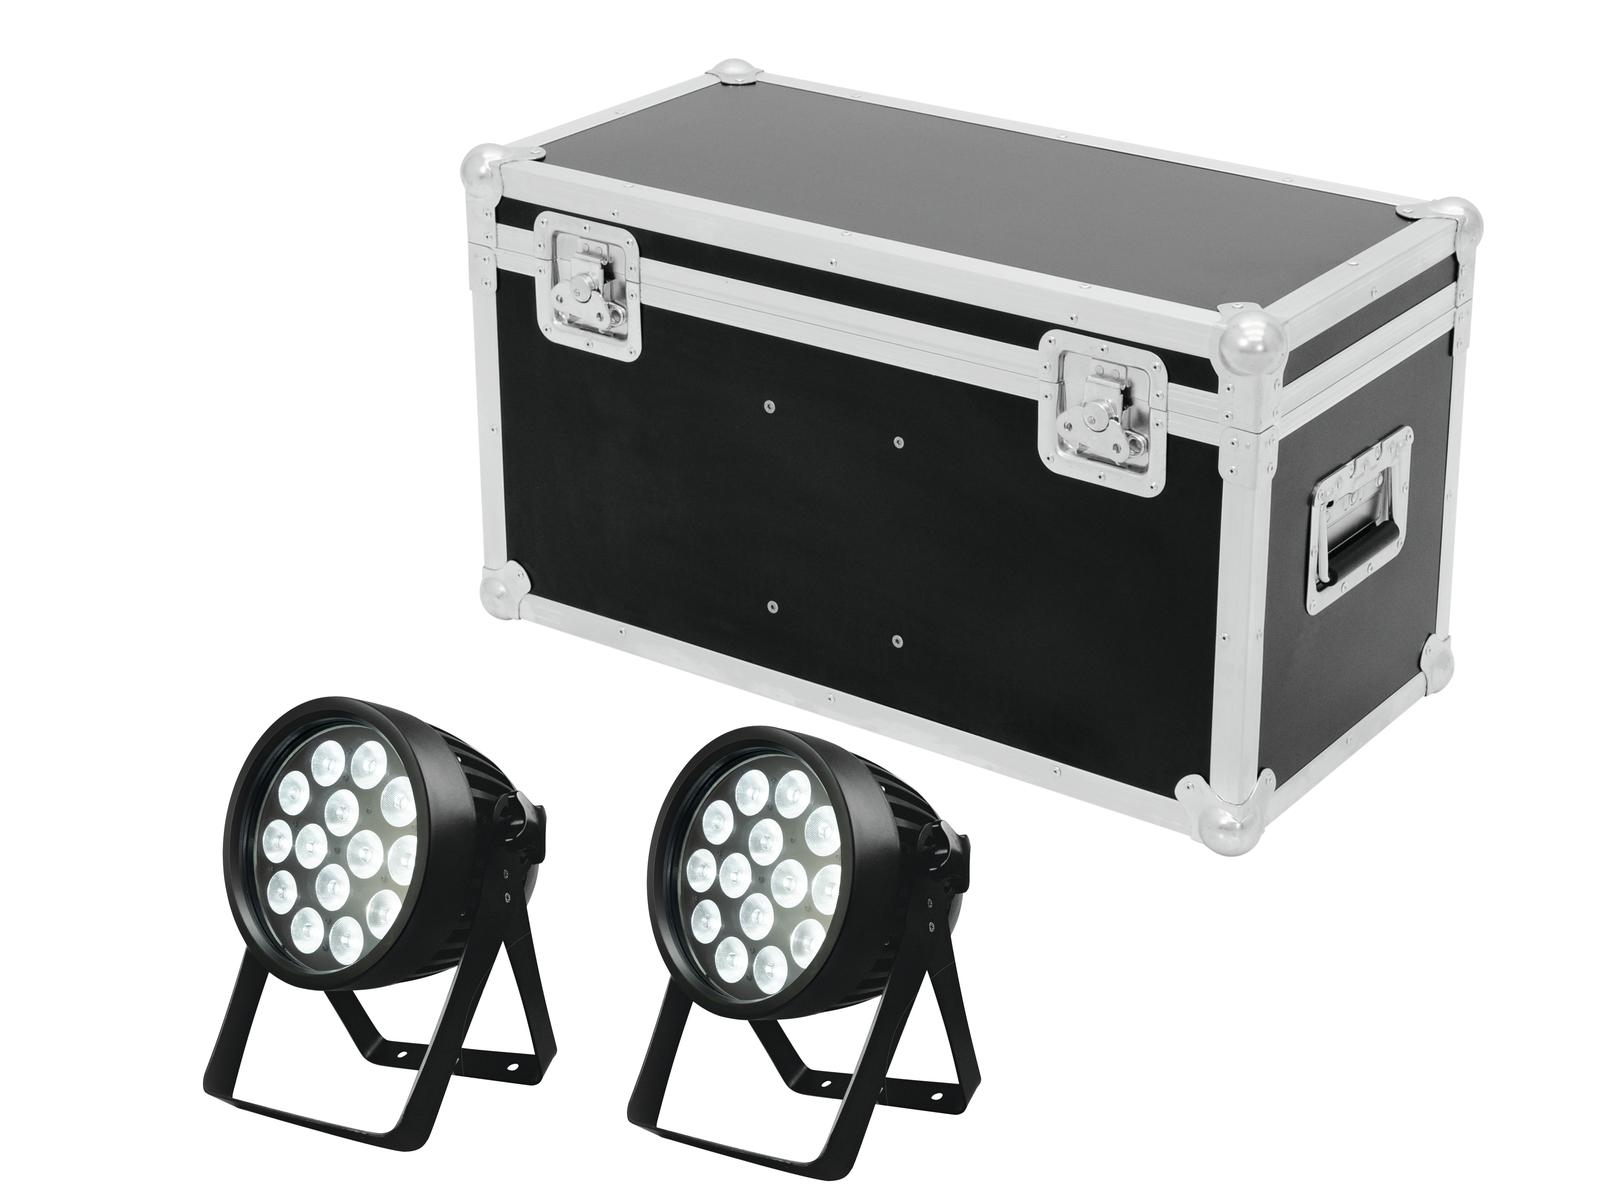 EUROLITE Set 2x LED IP PAR 14x8W QCL + Case